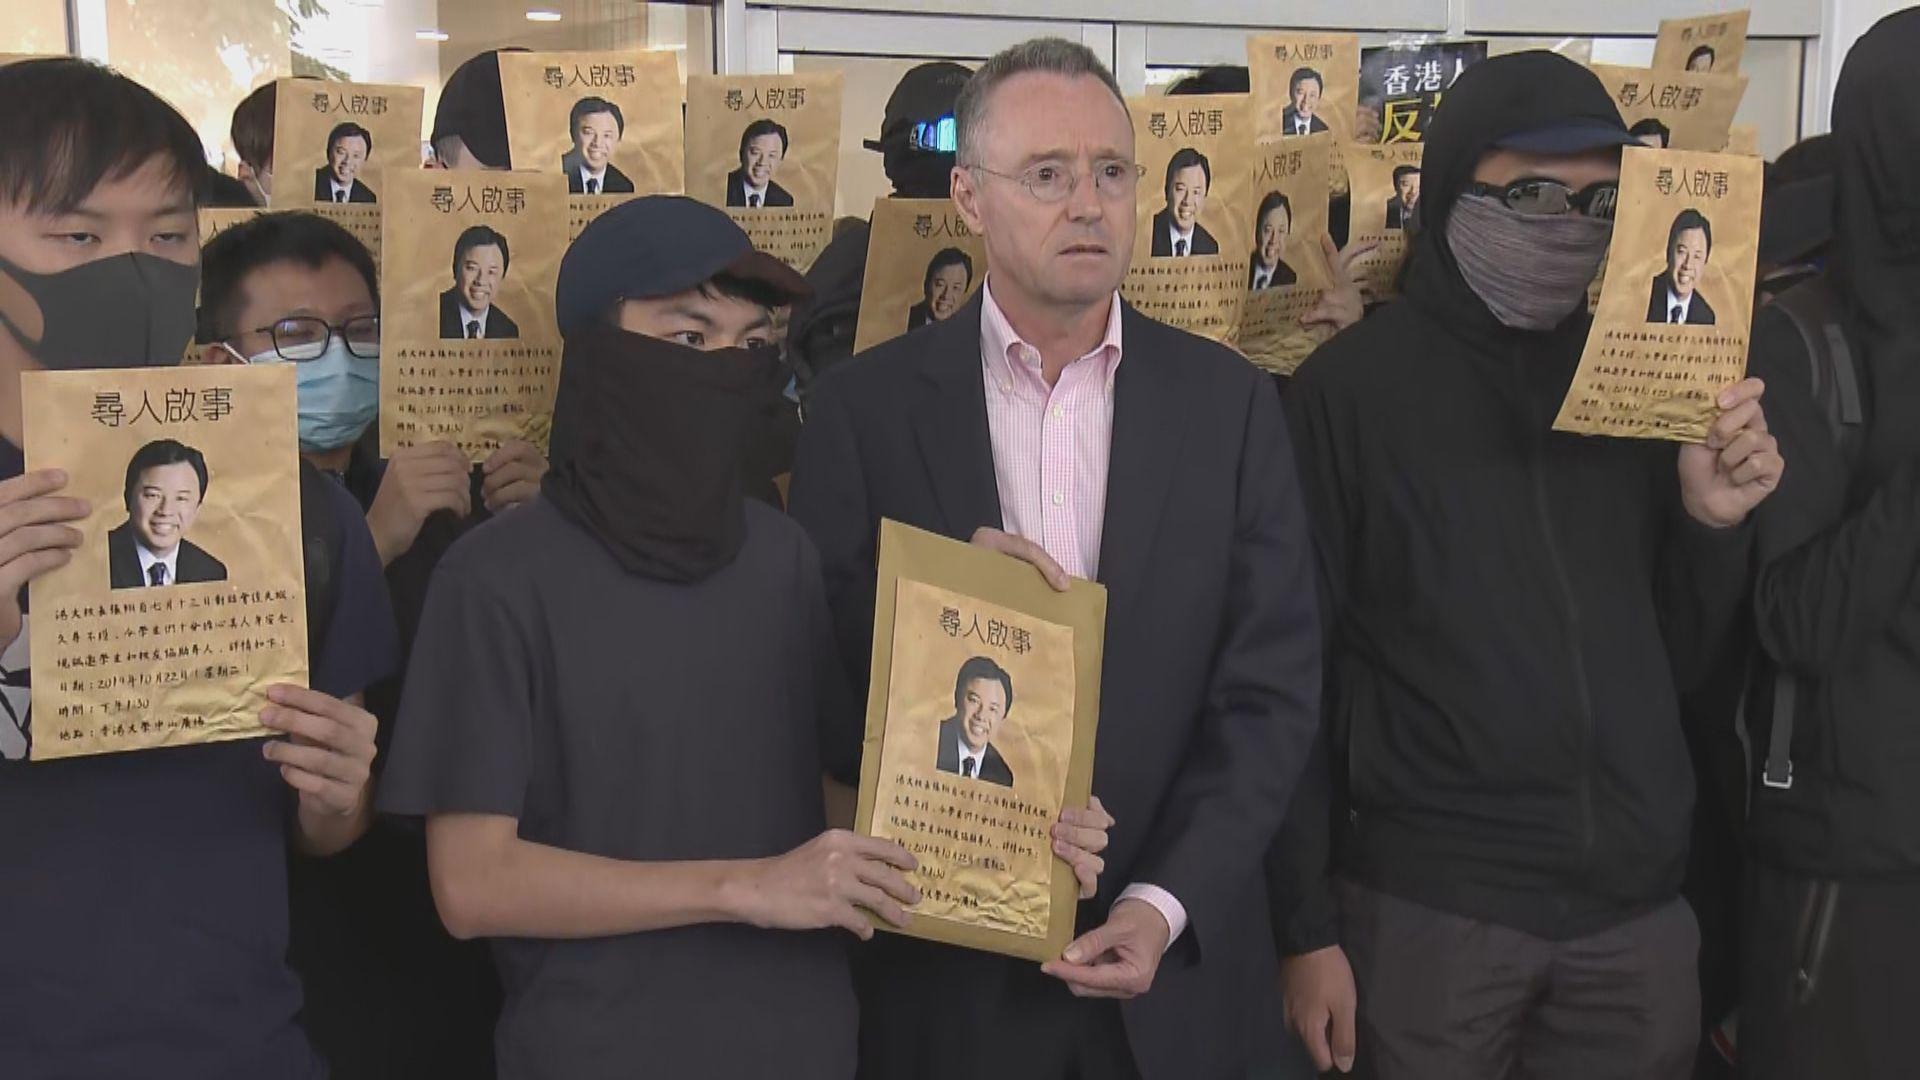 港大師生聯署促校方譴責警暴及支援被捕學生